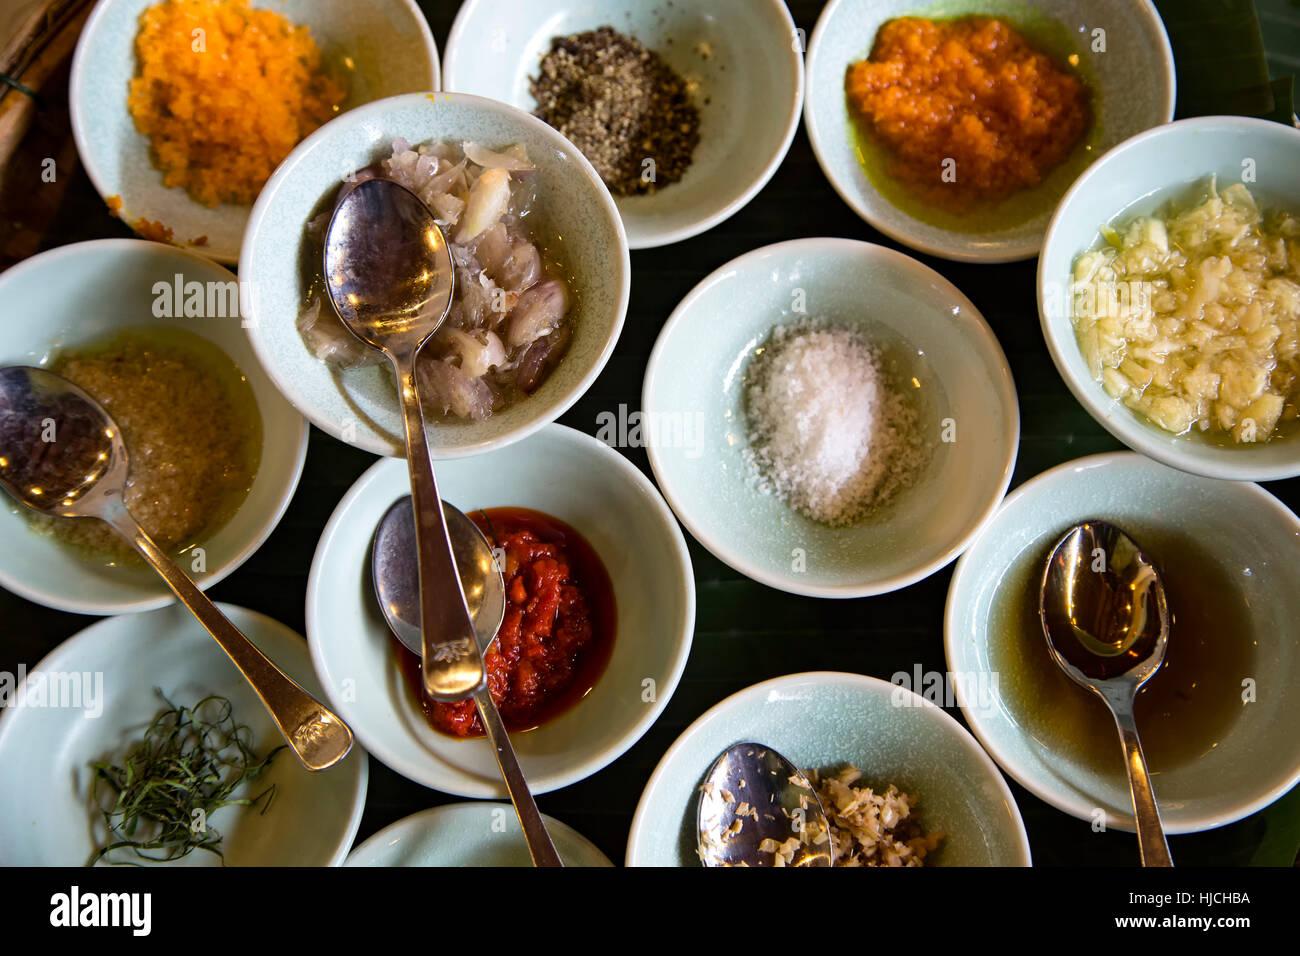 Ingredienti per il condimento di pollo, Miss Vy's Cooking Academy, market, ristorante, Hoi An, Vietnam Immagini Stock